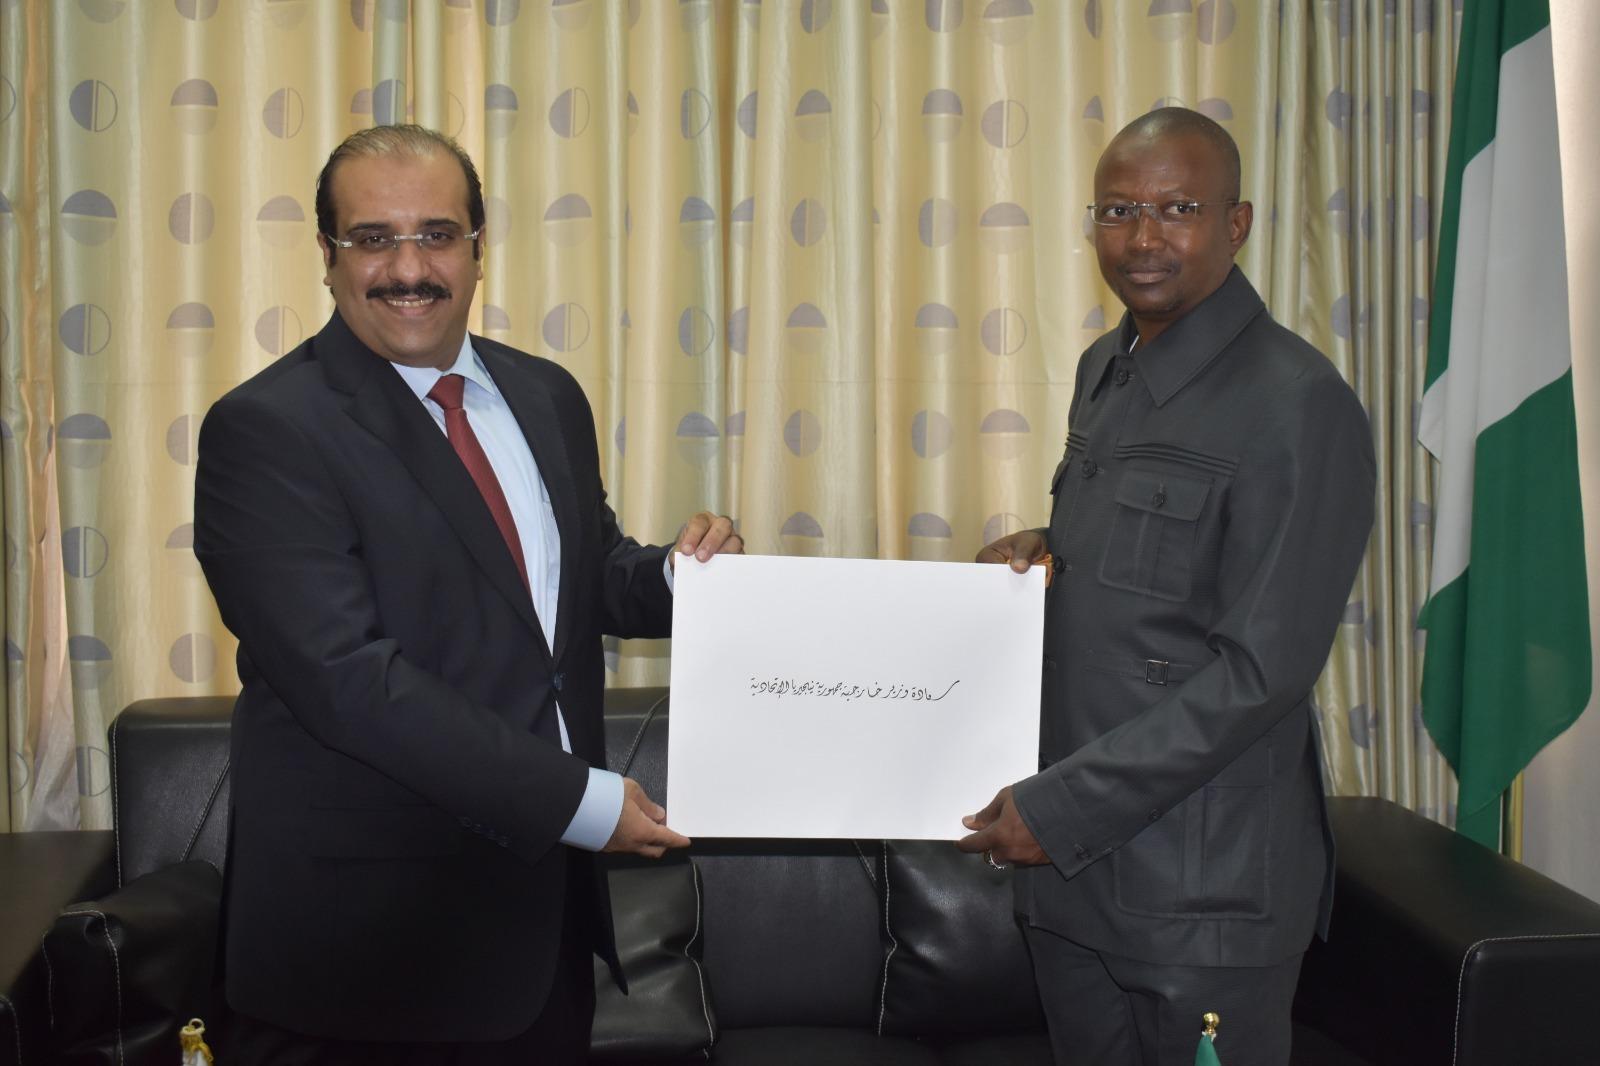 الخارجية النيجيرية تتسلم نسخة من أوراق اعتماد سفير دولة قطر